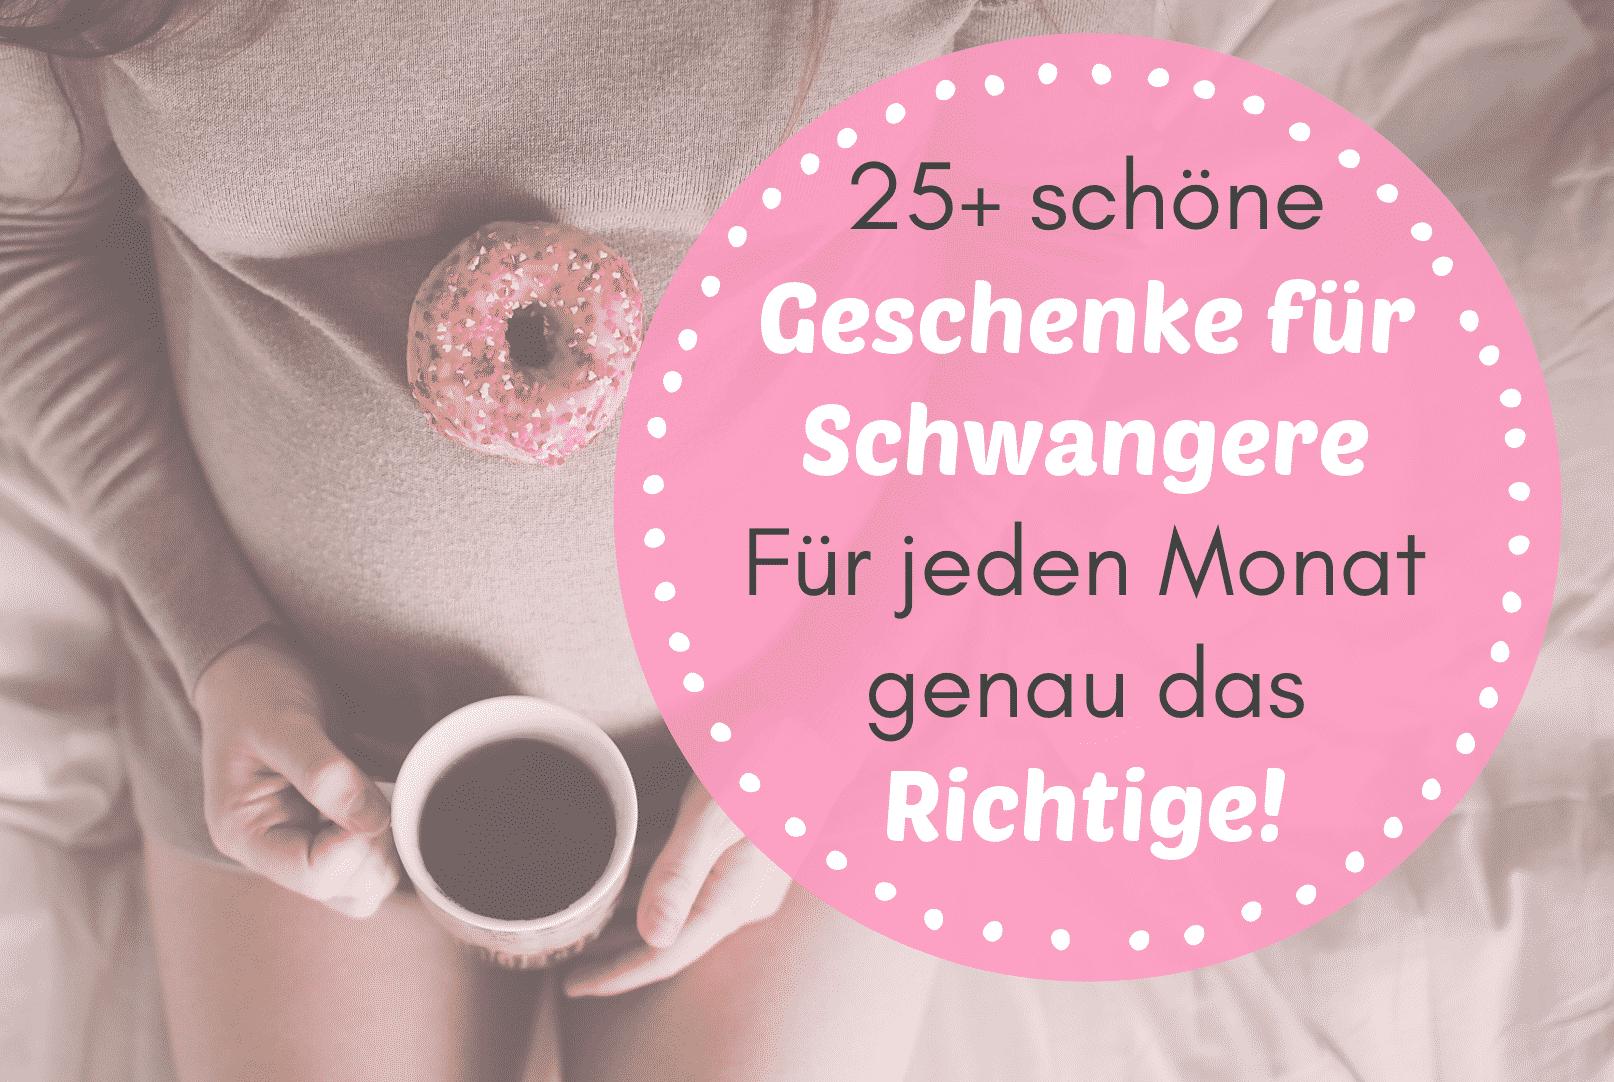 25+ schöne Geschenke für Schwangere Für jeden Monat genau das Richtige!